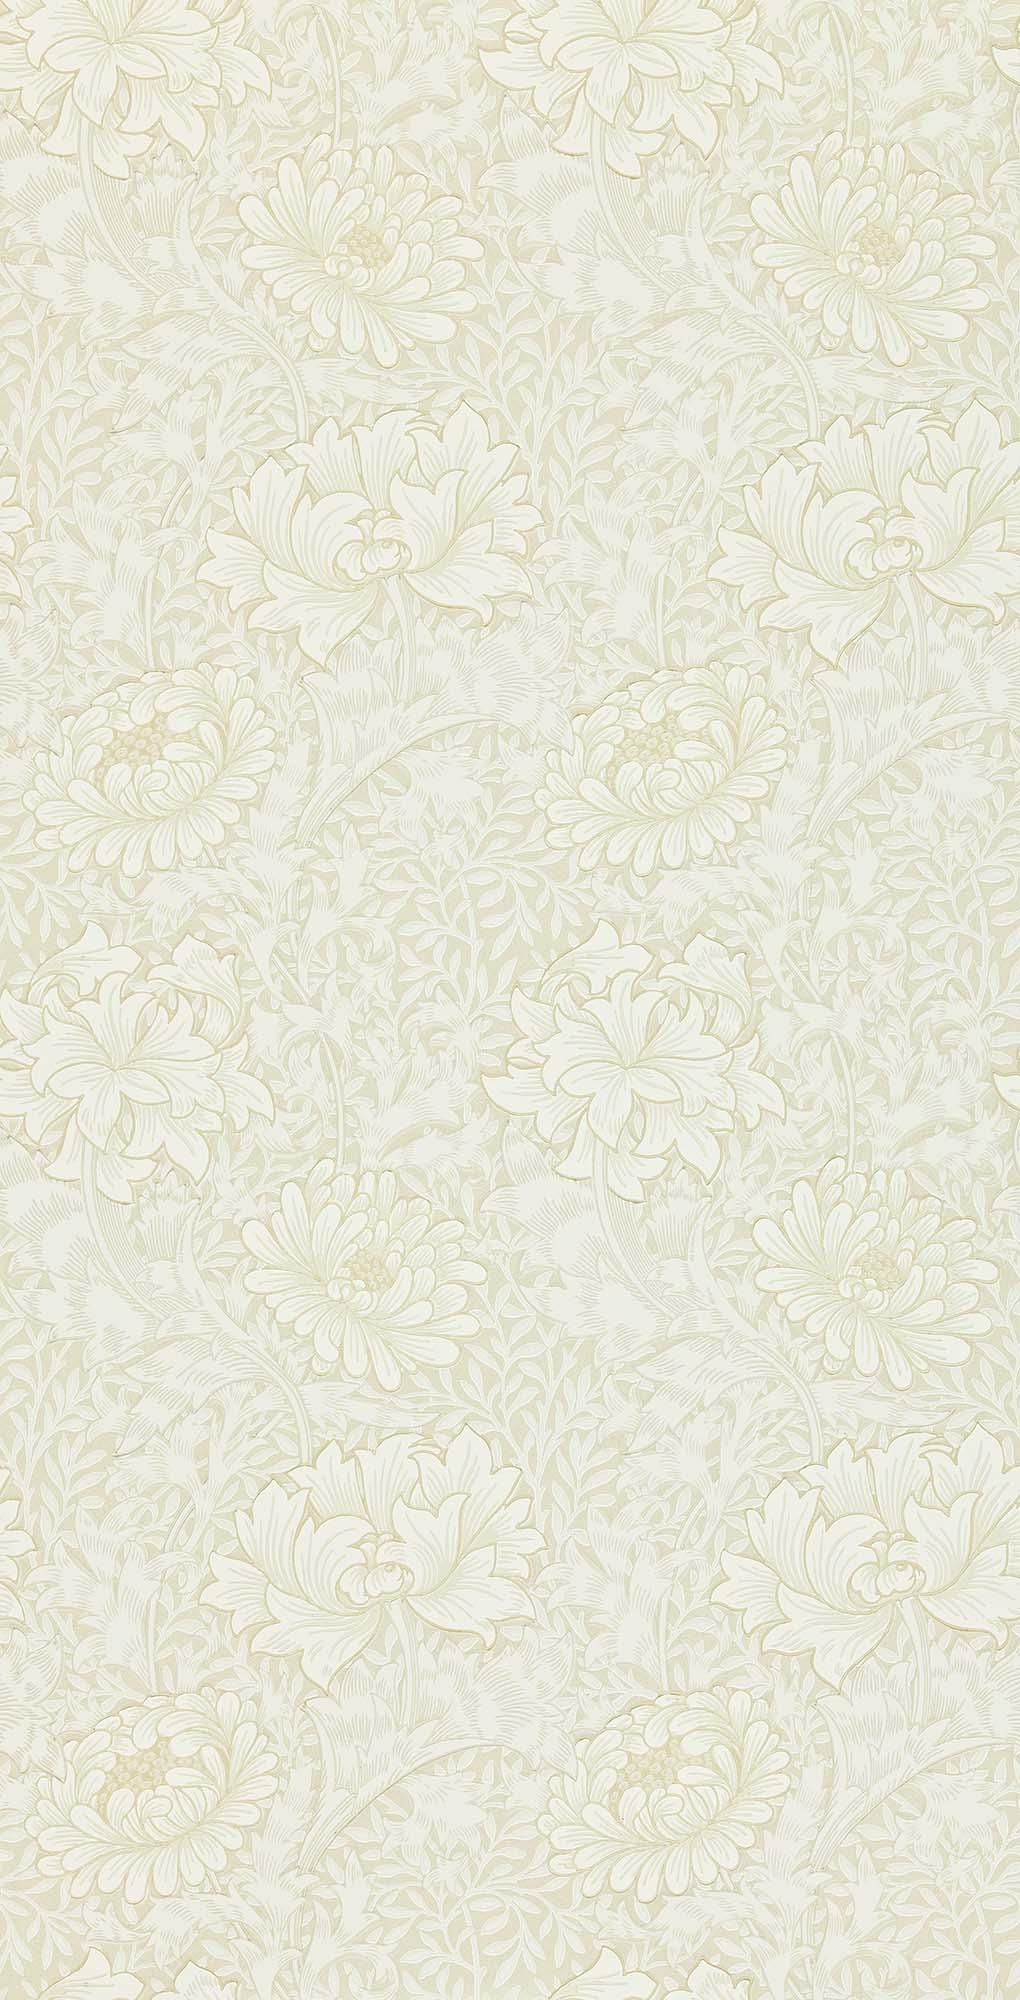 ウィリアムモリス壁紙 Chrysanthemum 212546